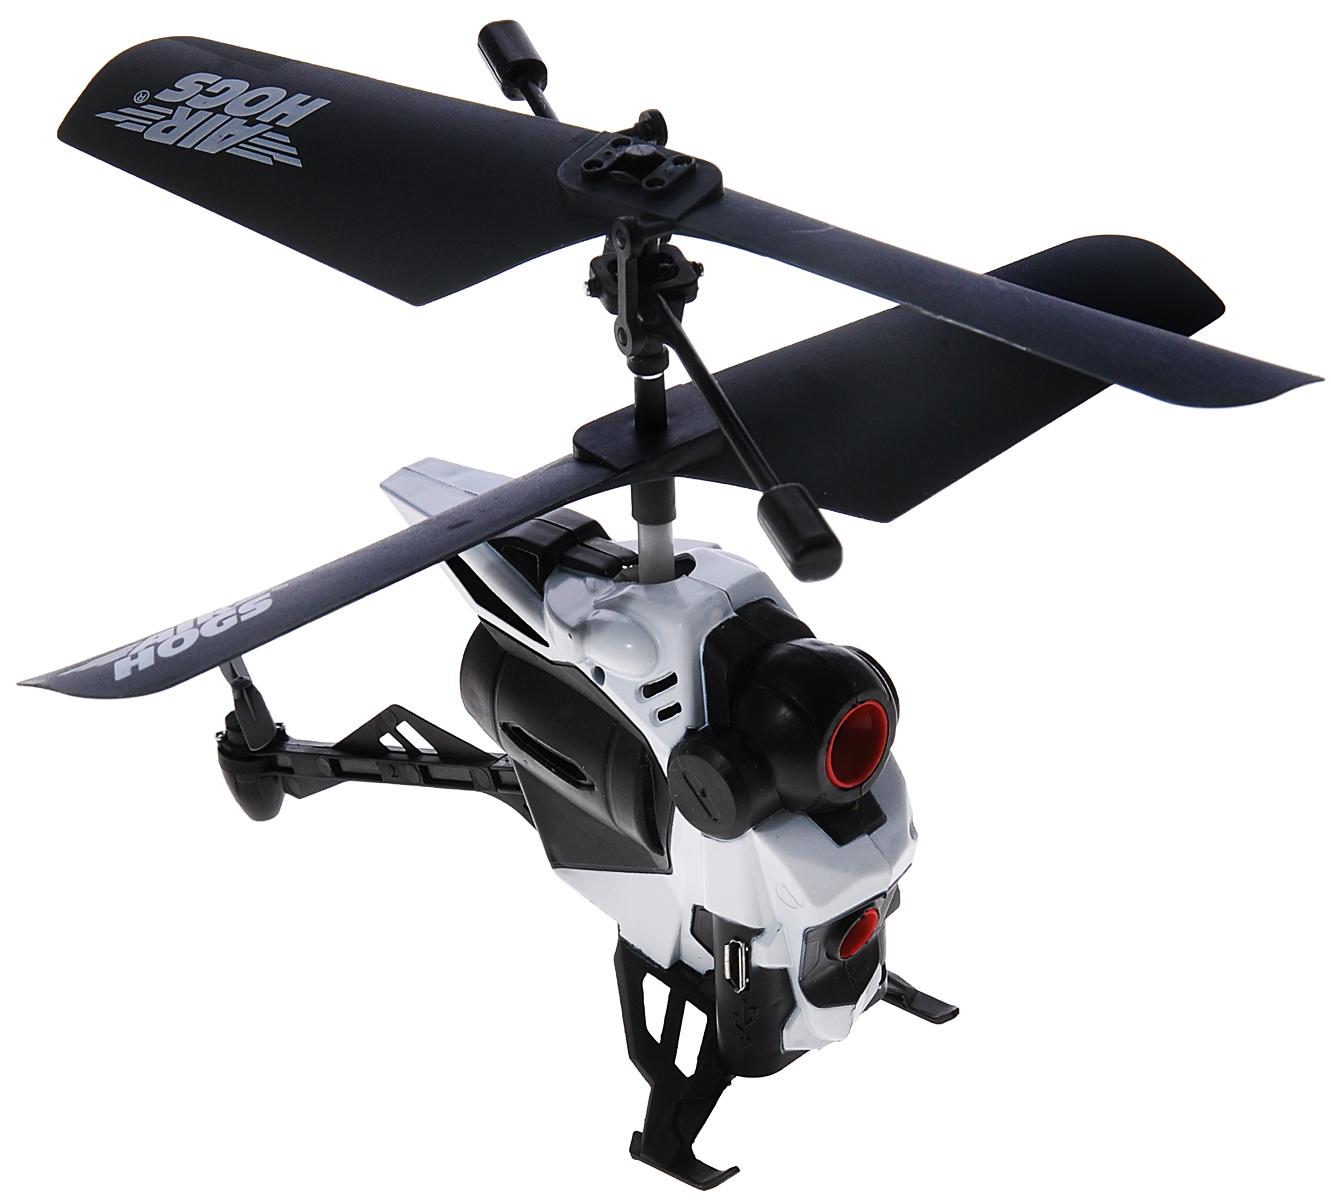 Air Hogs Вертолет на радиоуправлении Altitude Video Drone - Радиоуправляемые игрушки